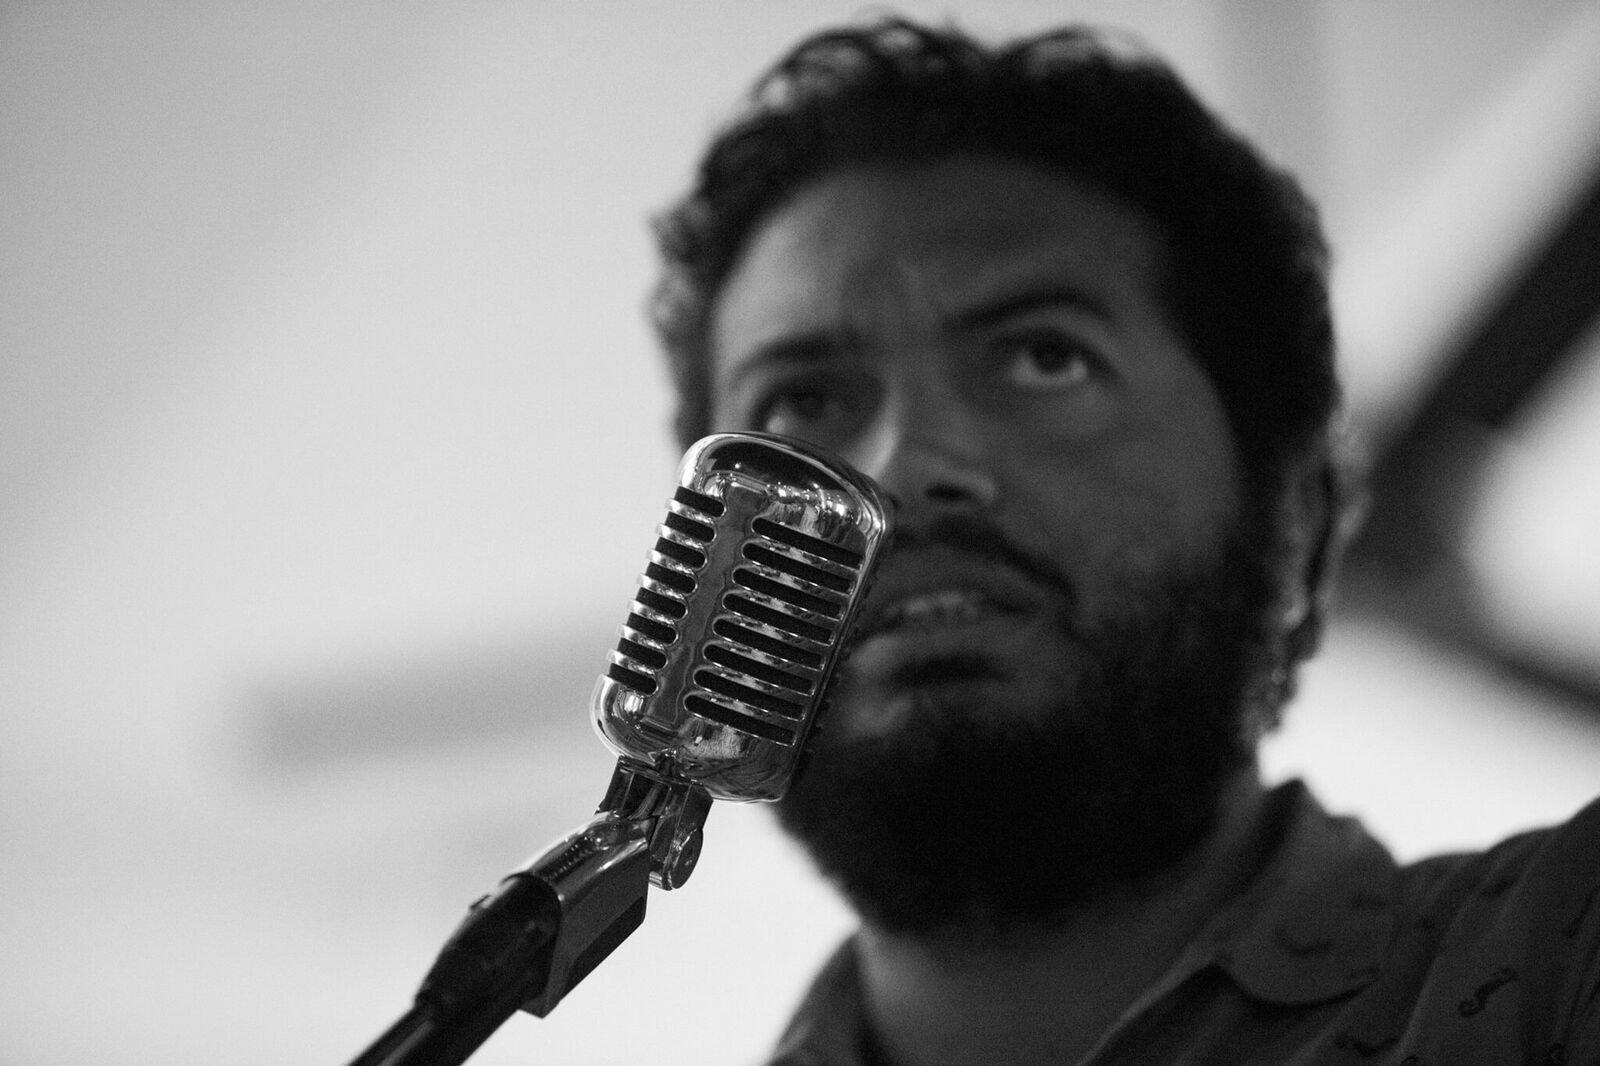 """Frank Báez es un poeta y escritor dominicano. Nació en 1978 en Santo Domingo. Graduado de Psicología, tiene una especialización en Investigación Social de la Universidad de Chicago en Illinois (UIC). Su primer poemario fue publicado por la editorial cubano-madrileña Betania, con el título """"Jarrón y otros poemas"""". Sin embargo, para él su primer libro es """"Postales"""", galardonado con el Premio Nacional de Poesía Salomé Ureña en 2009 y que a la fecha lleva ocho ediciones. Es autor de """"Anoche soñé que era un DJ"""", editado en una versión bilingüe –inglés y español– por la editorial estadounidense Jai Alai Books. En 2016, la Galería Estampa seleccionó su poema """"La Marilyn Monroe de Santo Domingo"""" para su colección de Biblioteca Americana. También publicó el libro de cuentos """"Págales tú a los psicoanalistas"""" y ha reunido tres libros de crónicas en el volumen """"La trilogía de los festivales"""". El año pasado la editorial Valparaíso sacó su último poemario."""